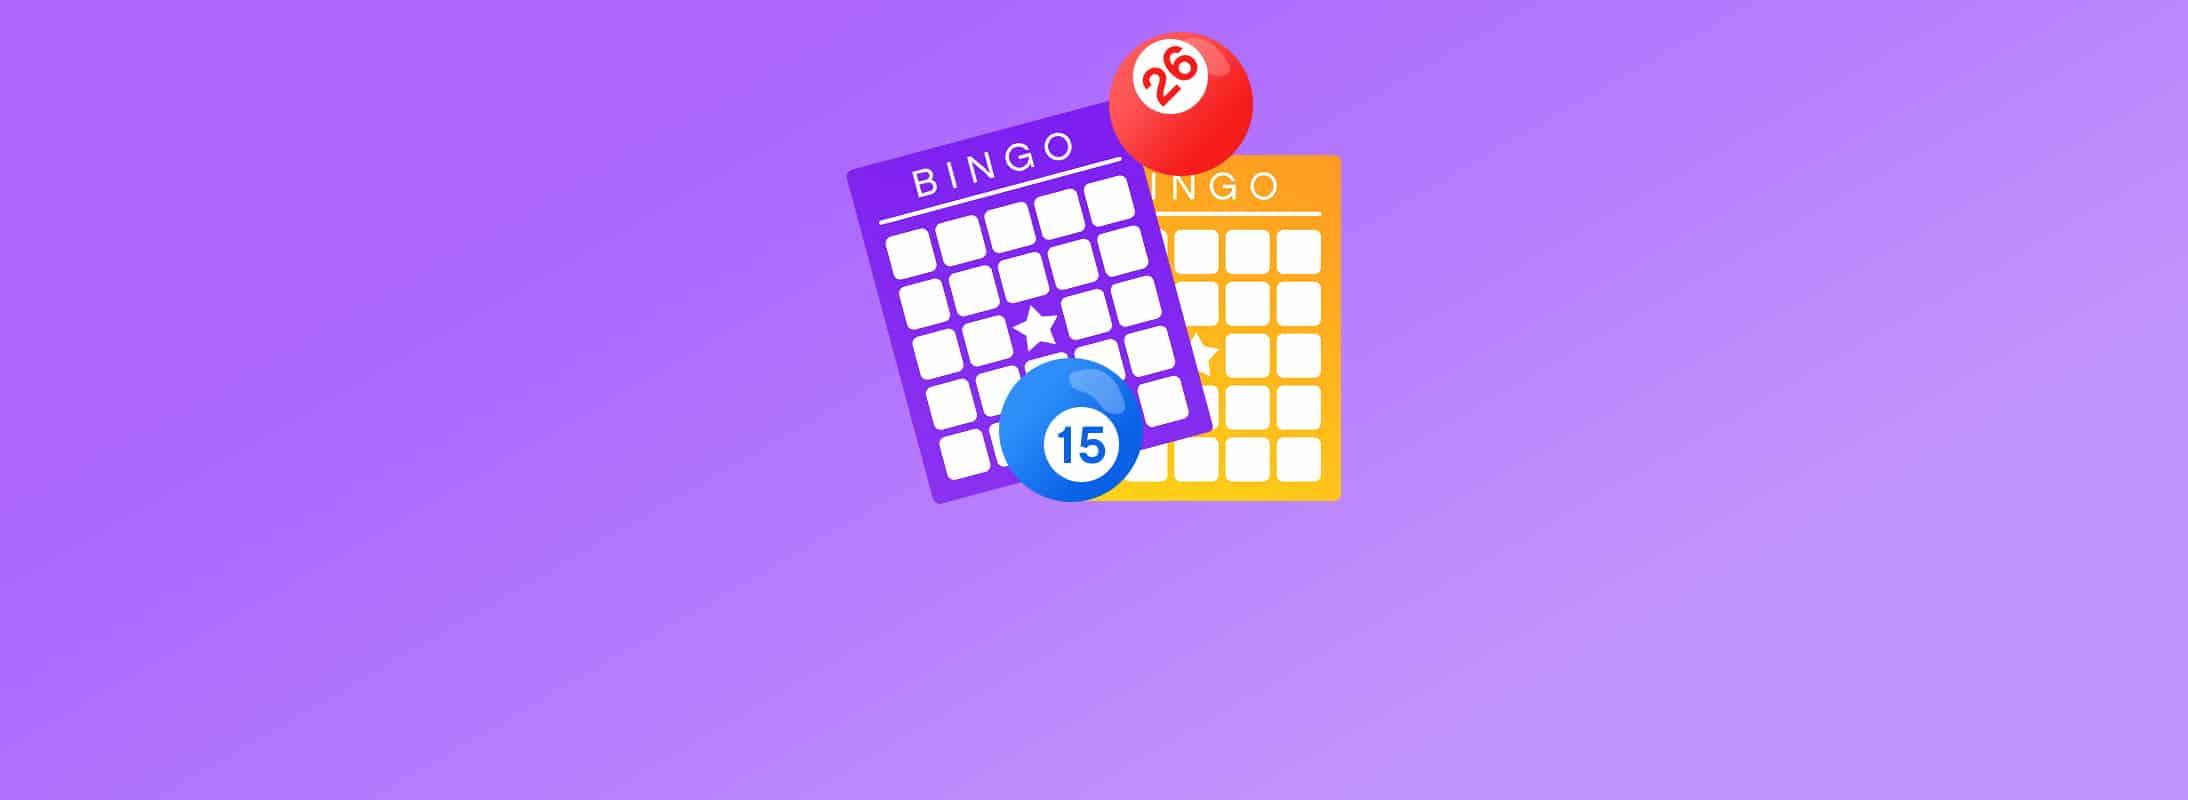 5 trucos para jugar al bingo.